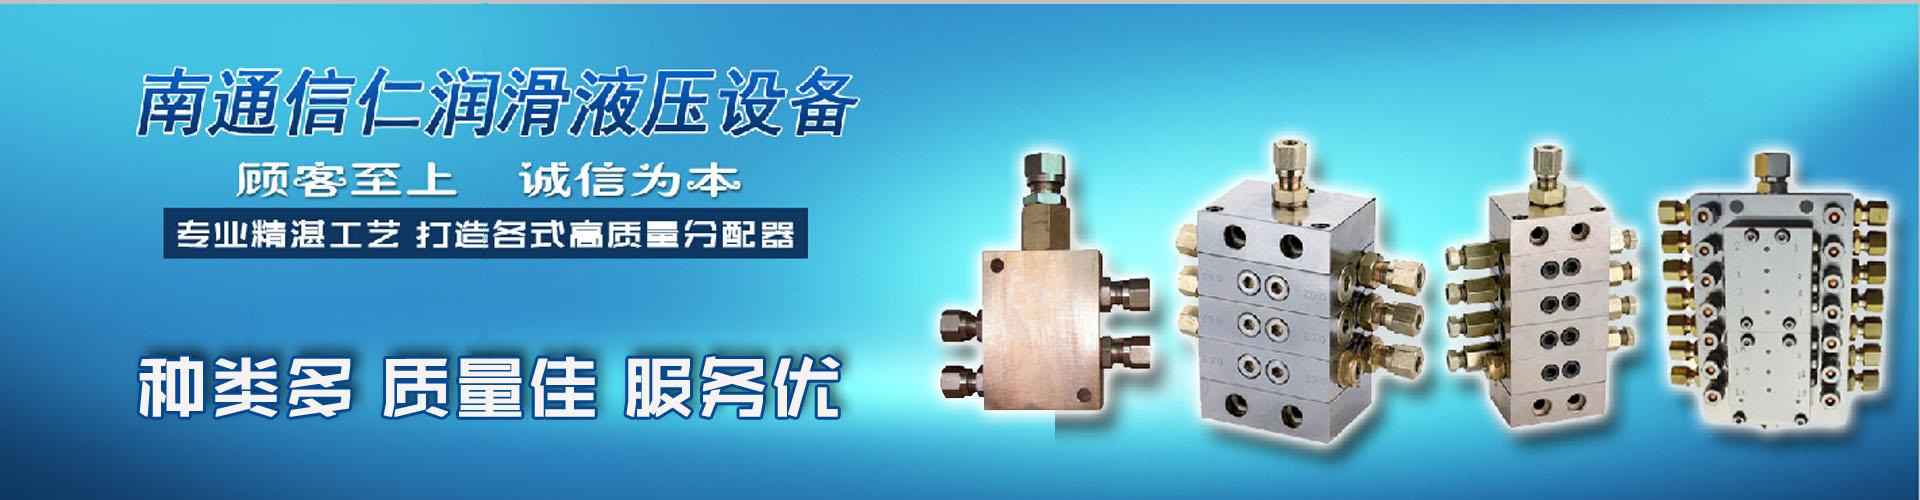 干油分配器